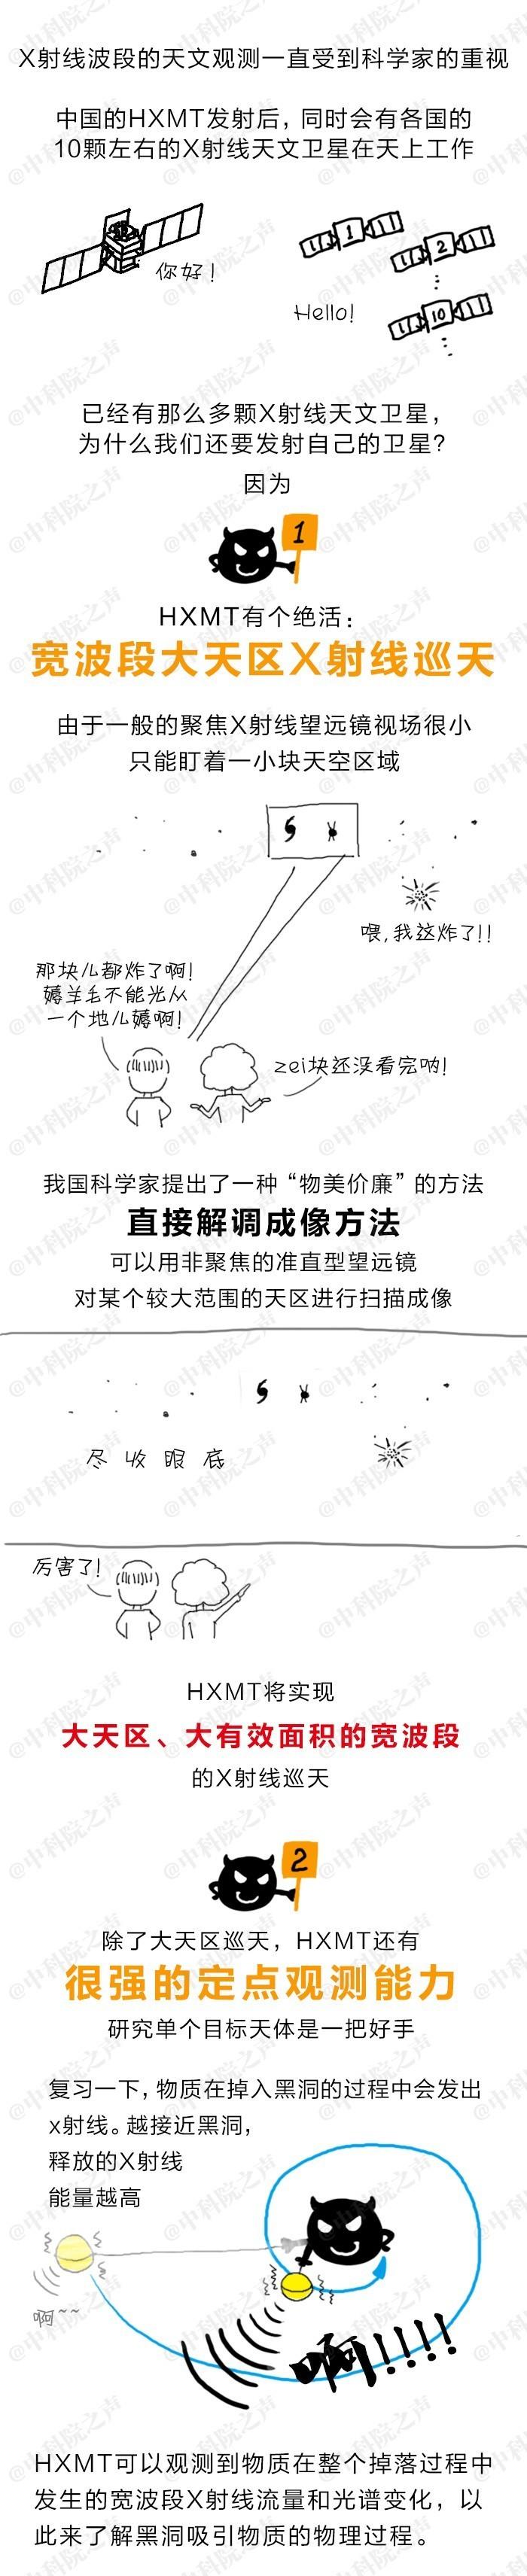 """刚刚,这个中国""""科学重器""""上天了,连黑洞都能观测! - wujun700 - wujun700的博客"""